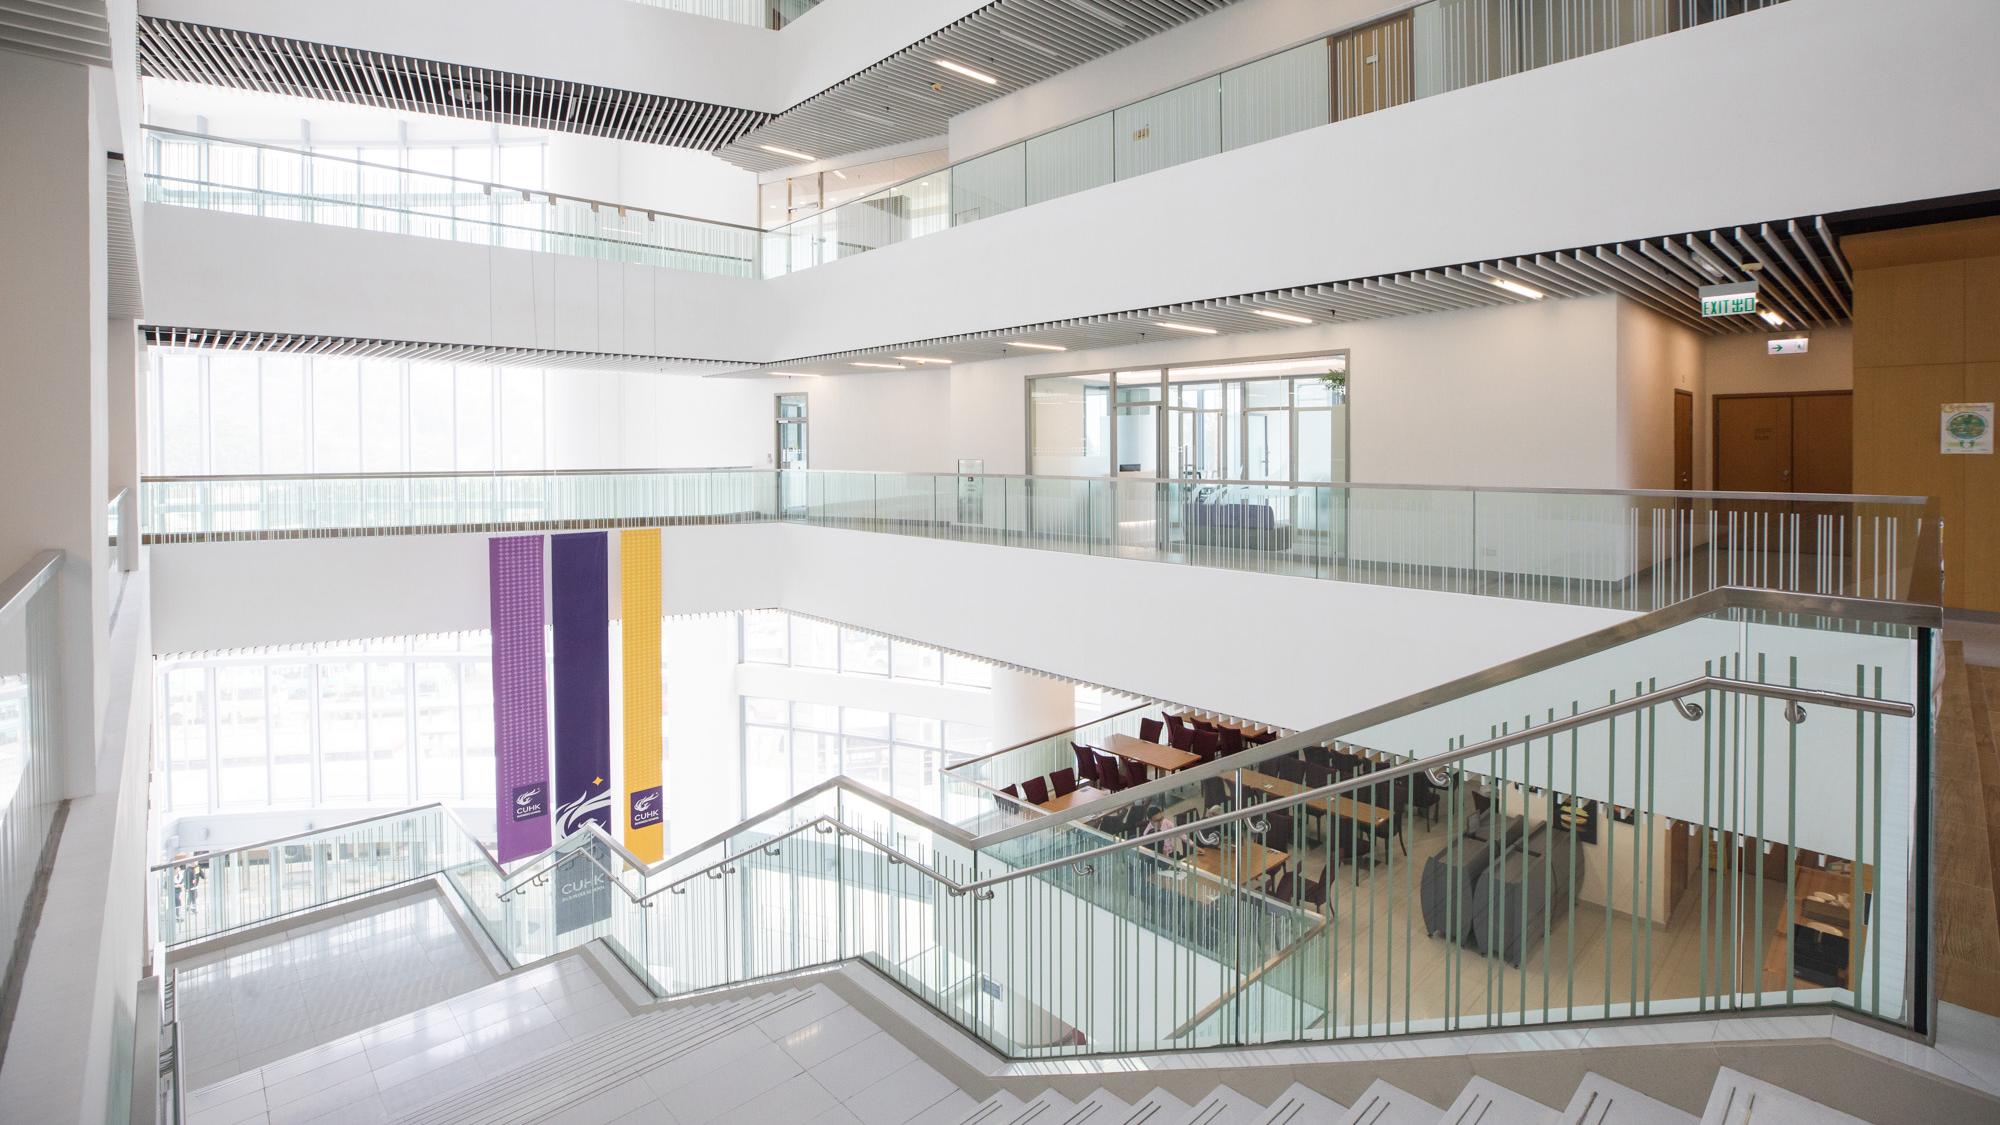 中大EMBA膺2019年《金融時報》全球百強排名榜第二十四位 – 香港中文大學商學院